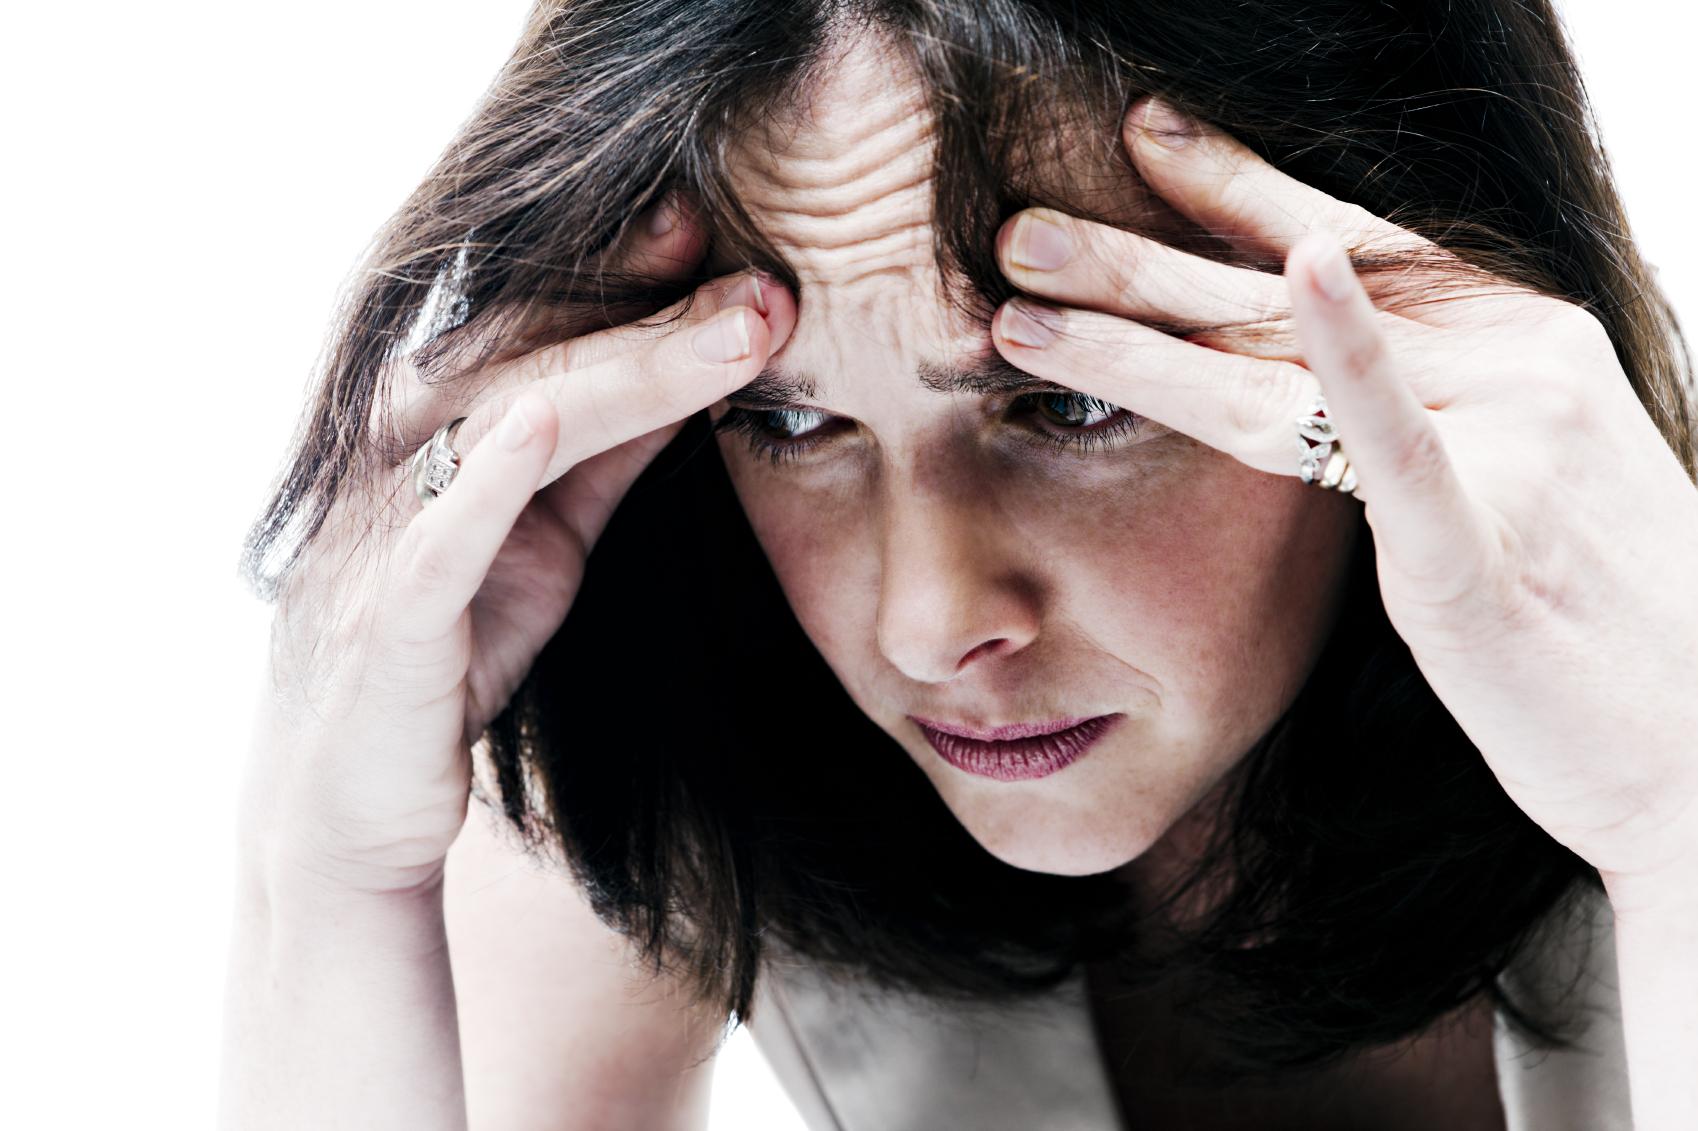 I rimedi naturali per l'ansia che funzionano davvero